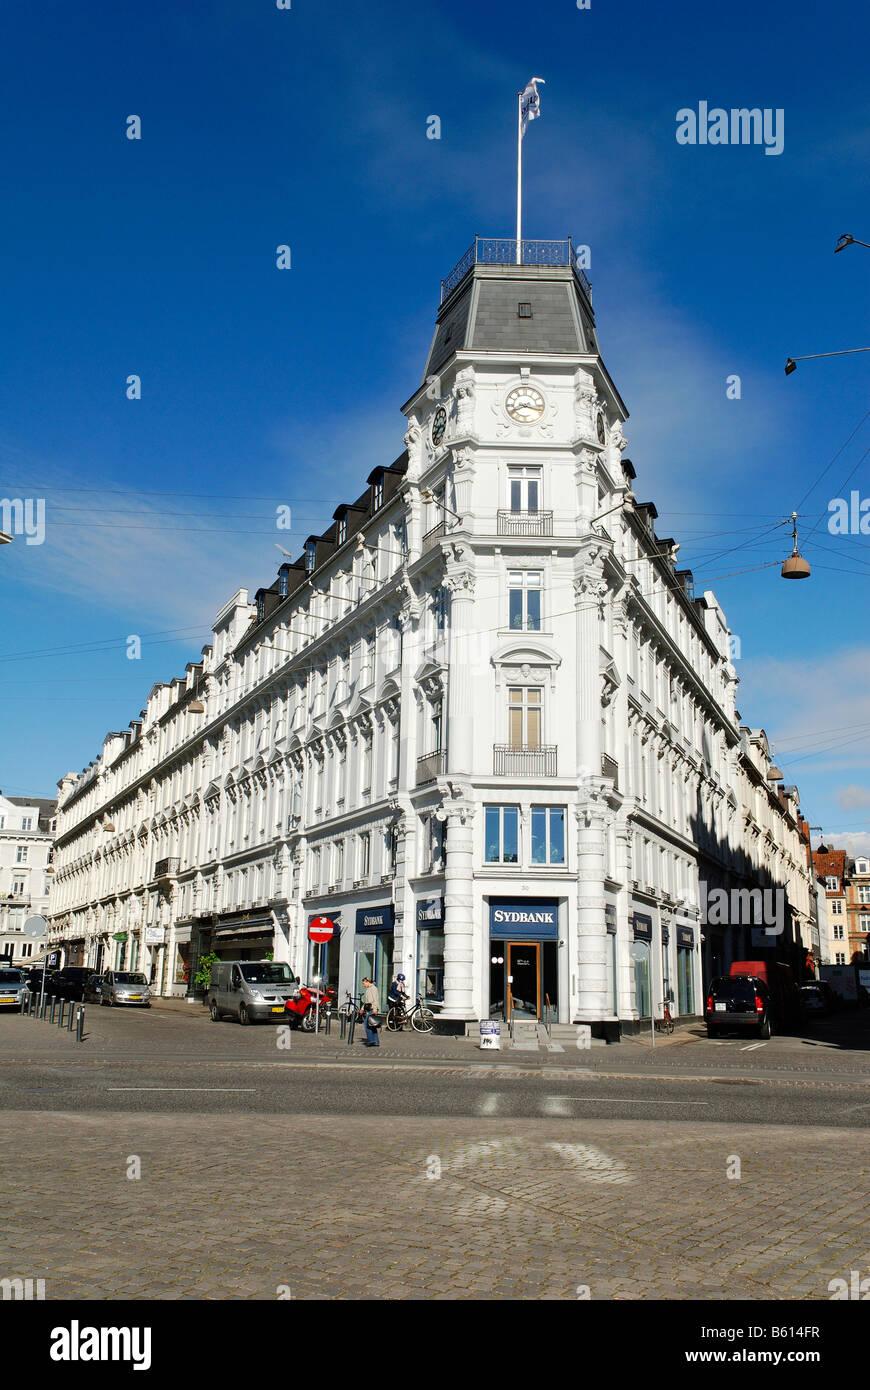 Historic bank at Kongens Nytorv or King's New Square, Copenhagen, Denmark, Scandinavia, Europe - Stock Image